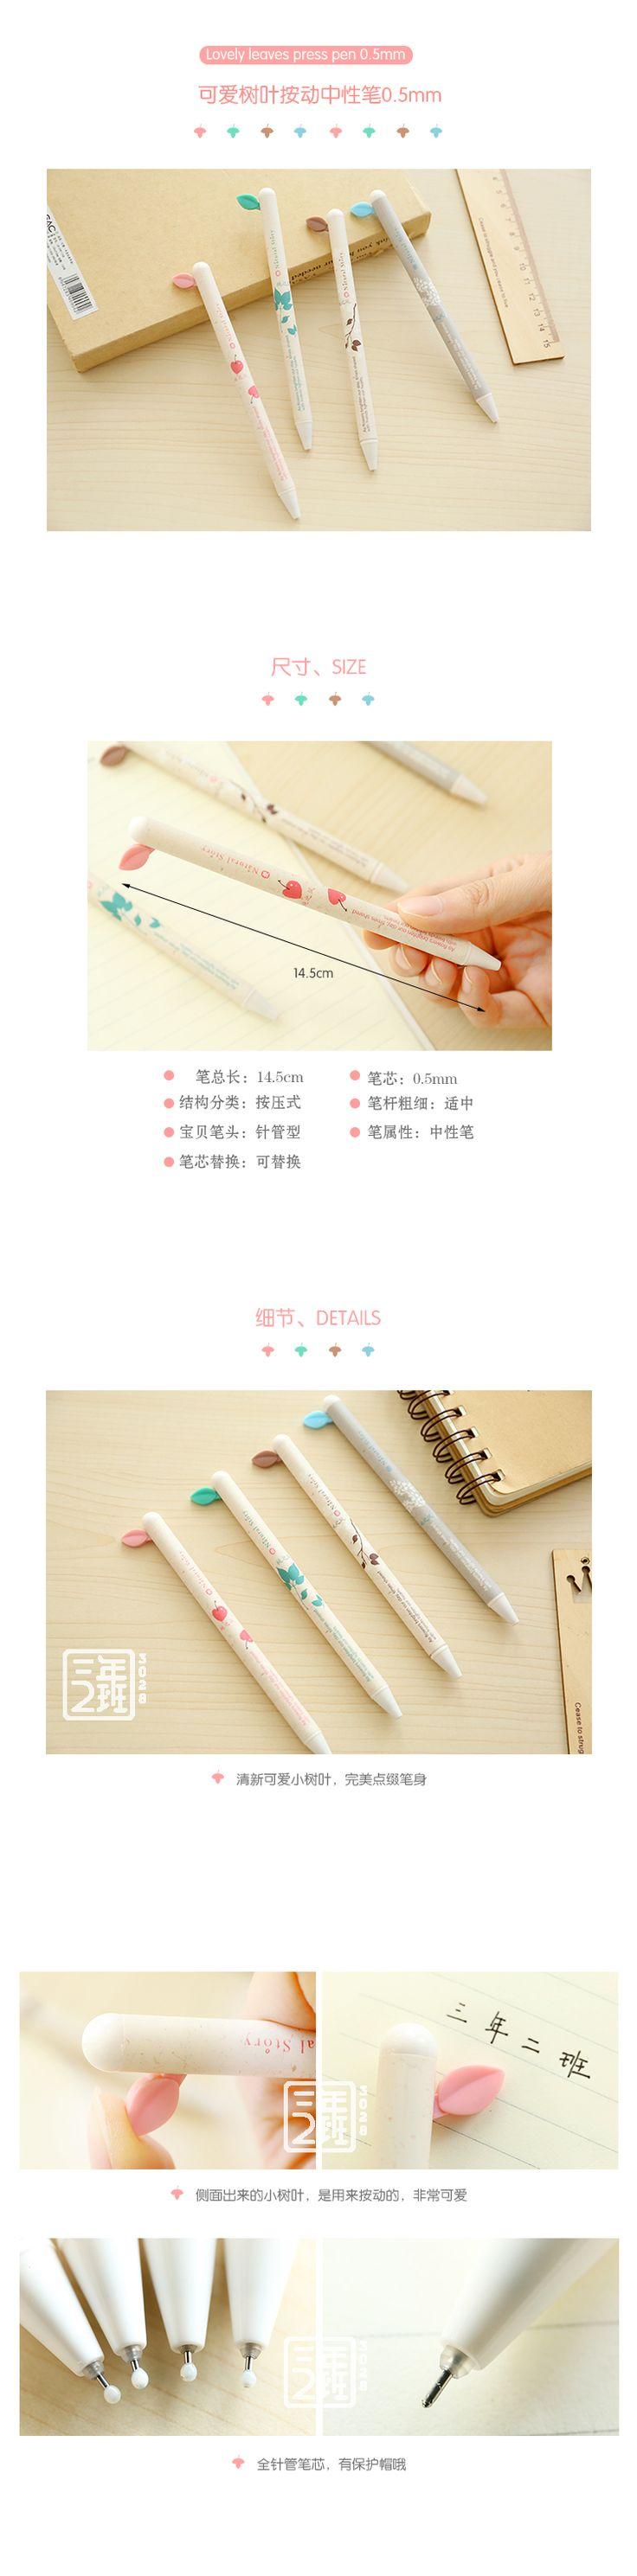 40,19 руб. / шт. Письменные принадлежности > Гелевые ручки